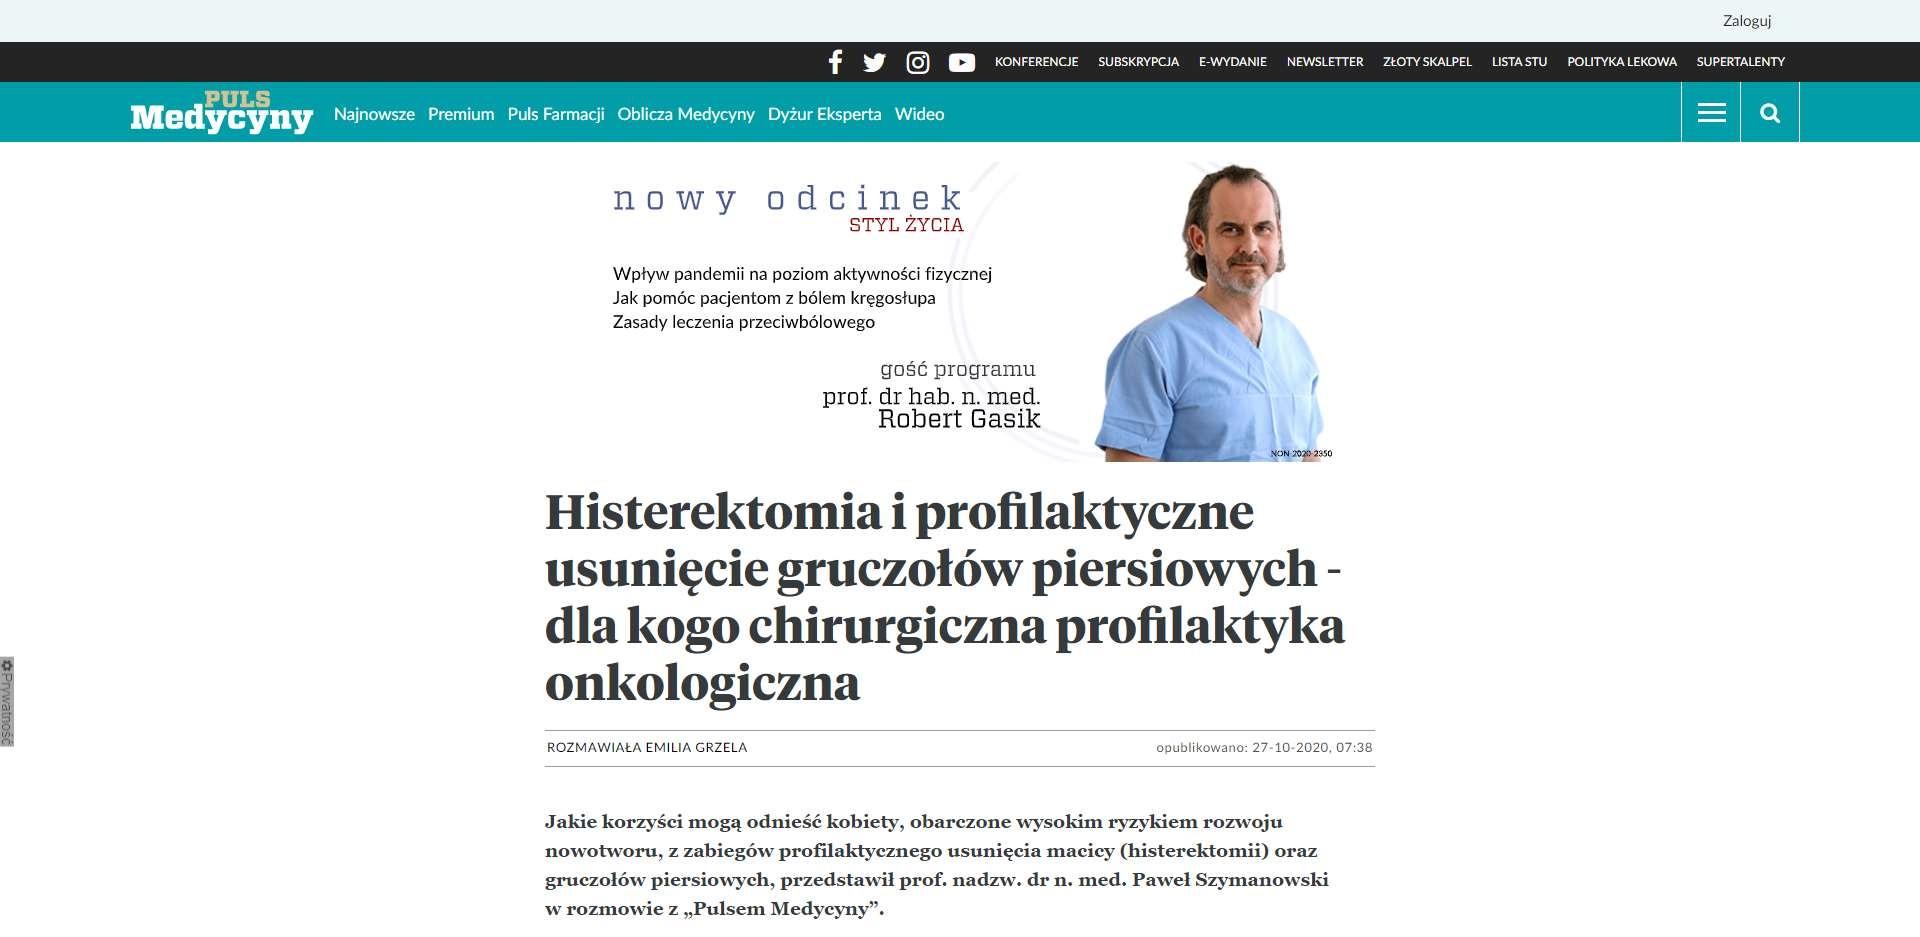 histerektomia i profilaktyczne usuniecie gruczolow piersiowych dla kogo chirurgiczna profilaktyka onkologiczna